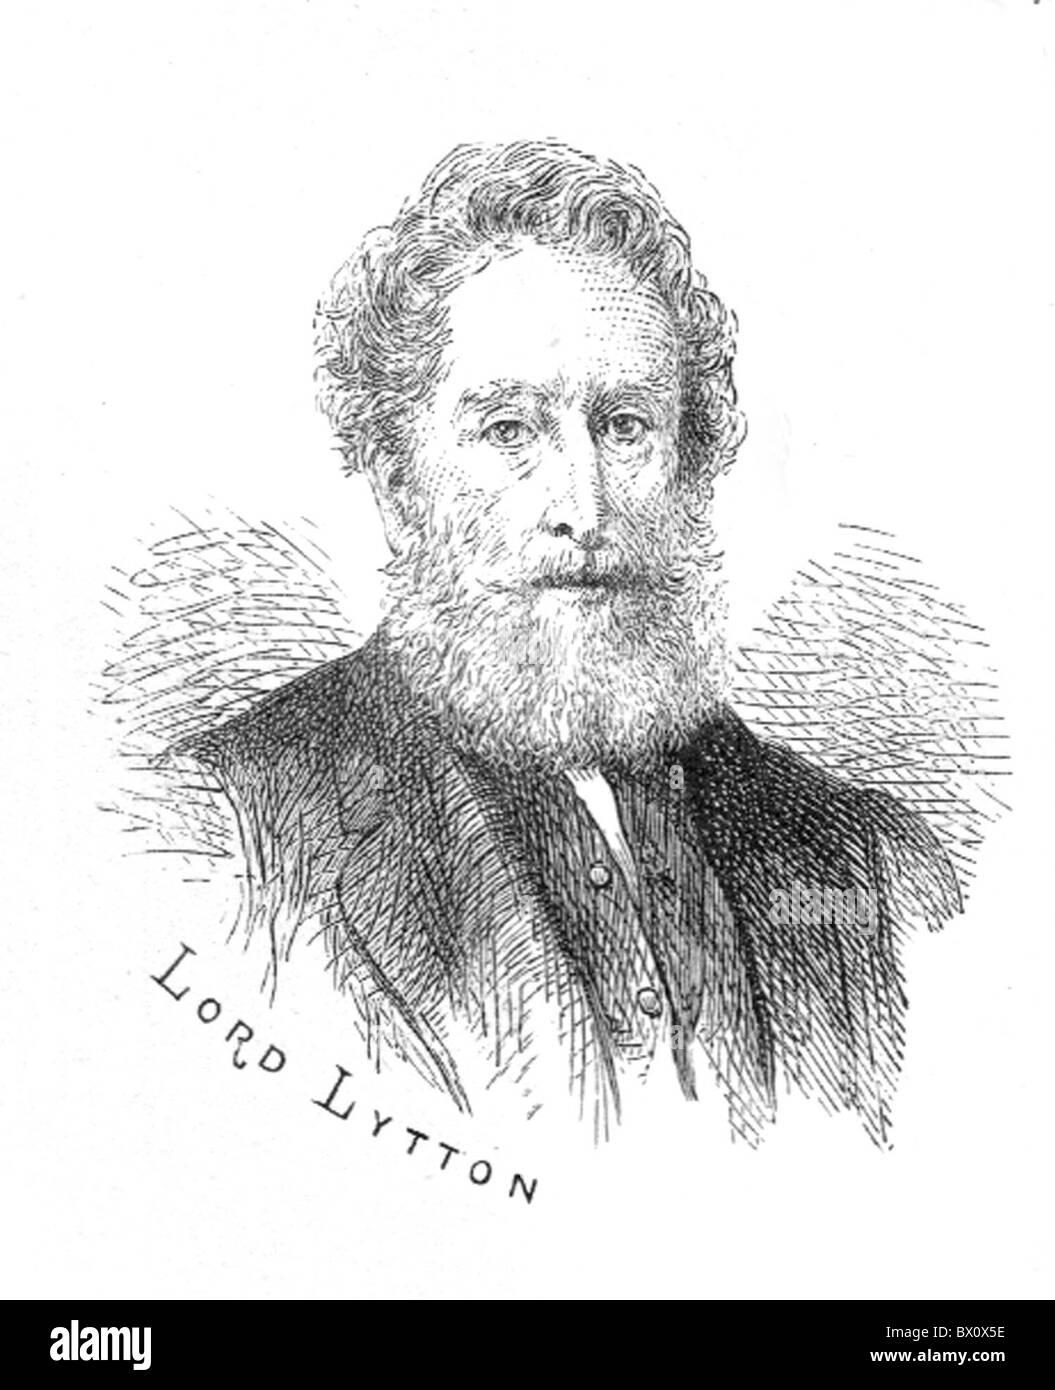 Image d'Archive historique des figures littéraires. C'est Lord Lytton. Banque D'Images